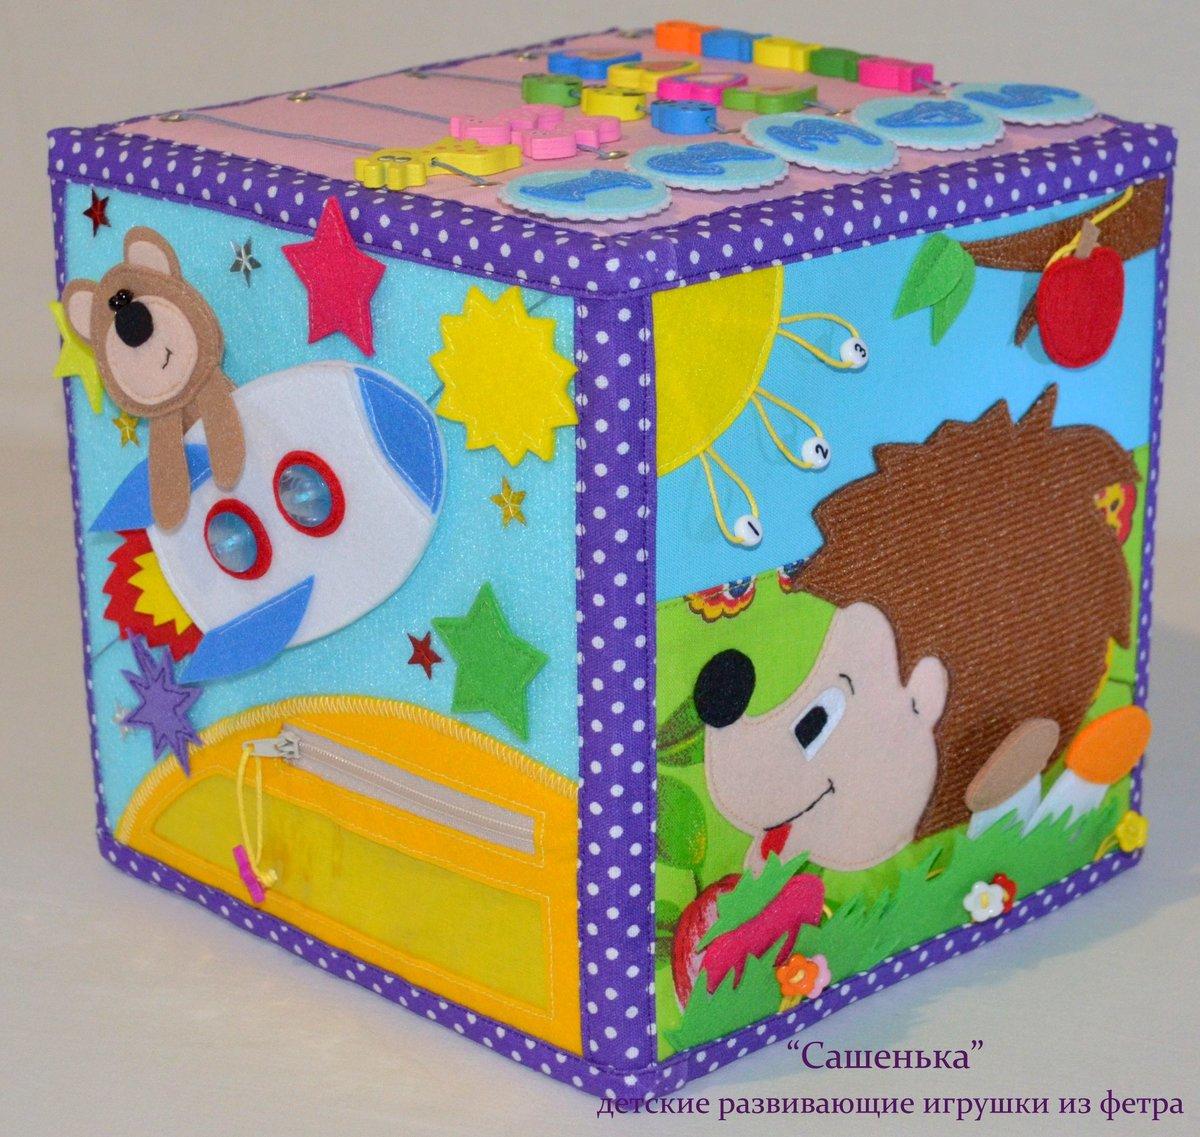 Игрушка для развивающего кубика своими руками 171